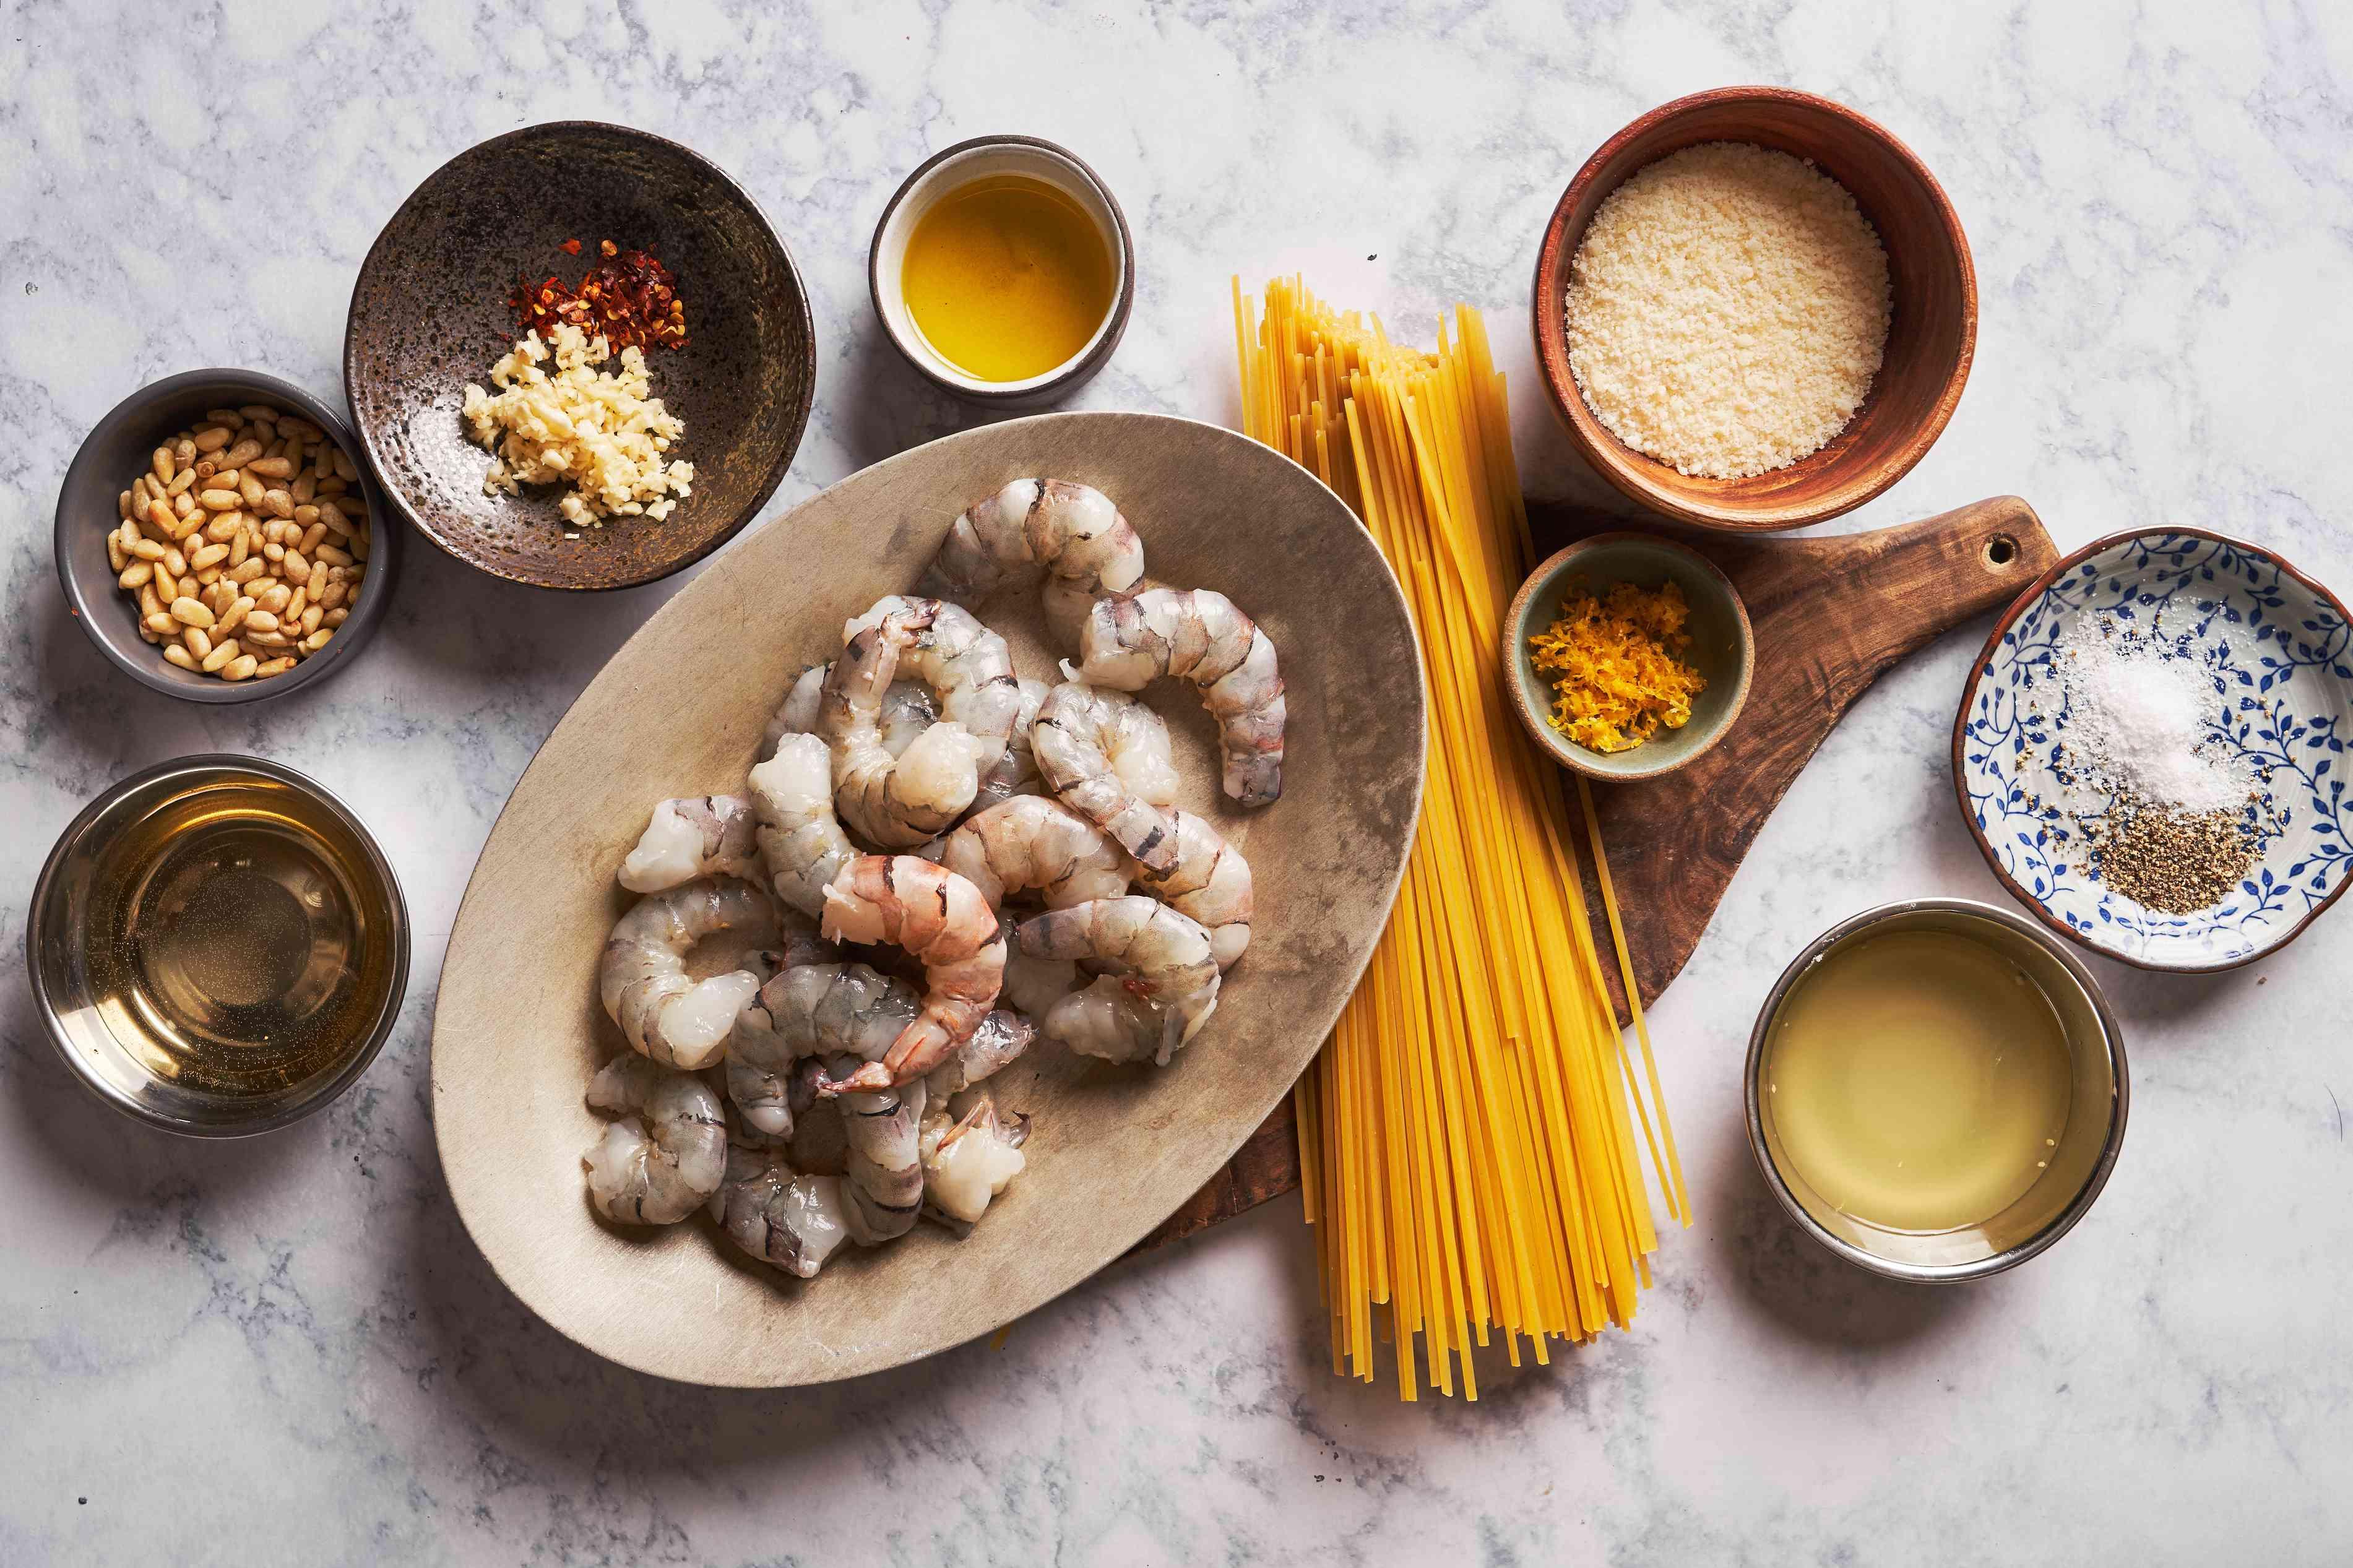 Ingredients for garlic lemon shrimp pasta